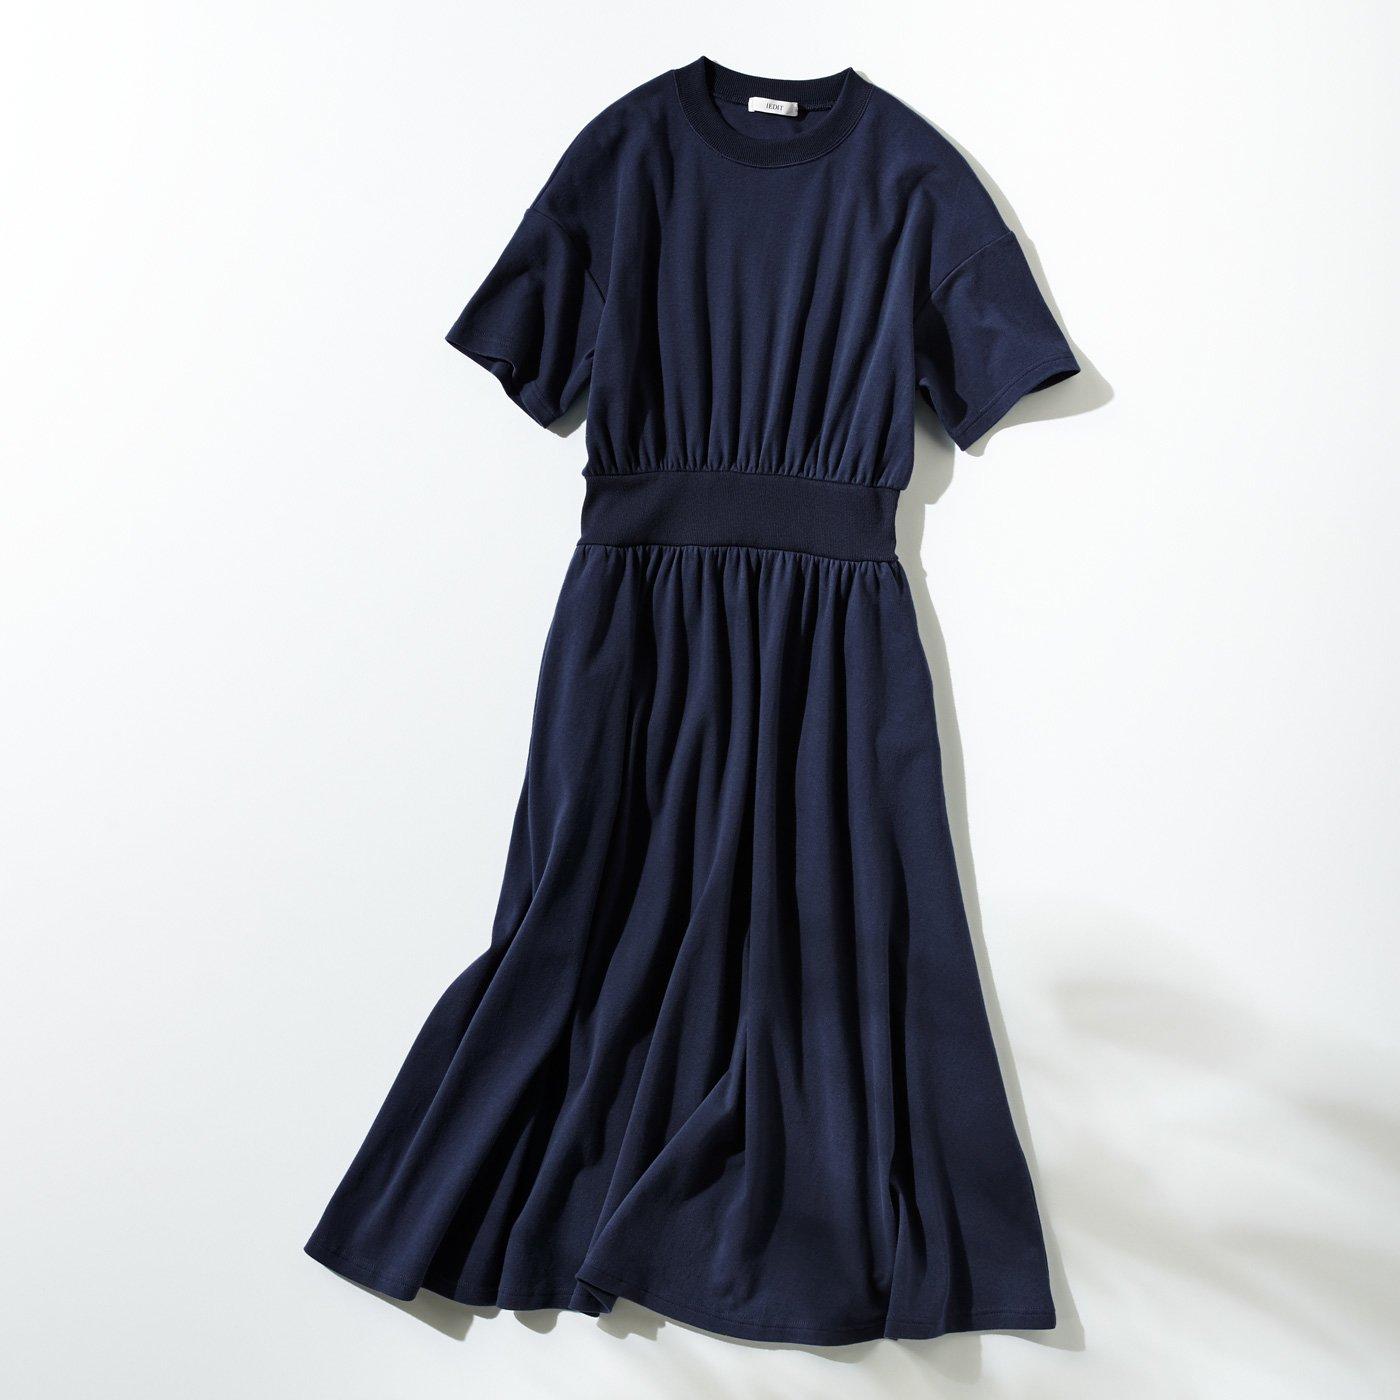 IEDIT[イディット] 小森美穂子さんコラボ 美人見えカットソーワンピース〈ネイビー〉